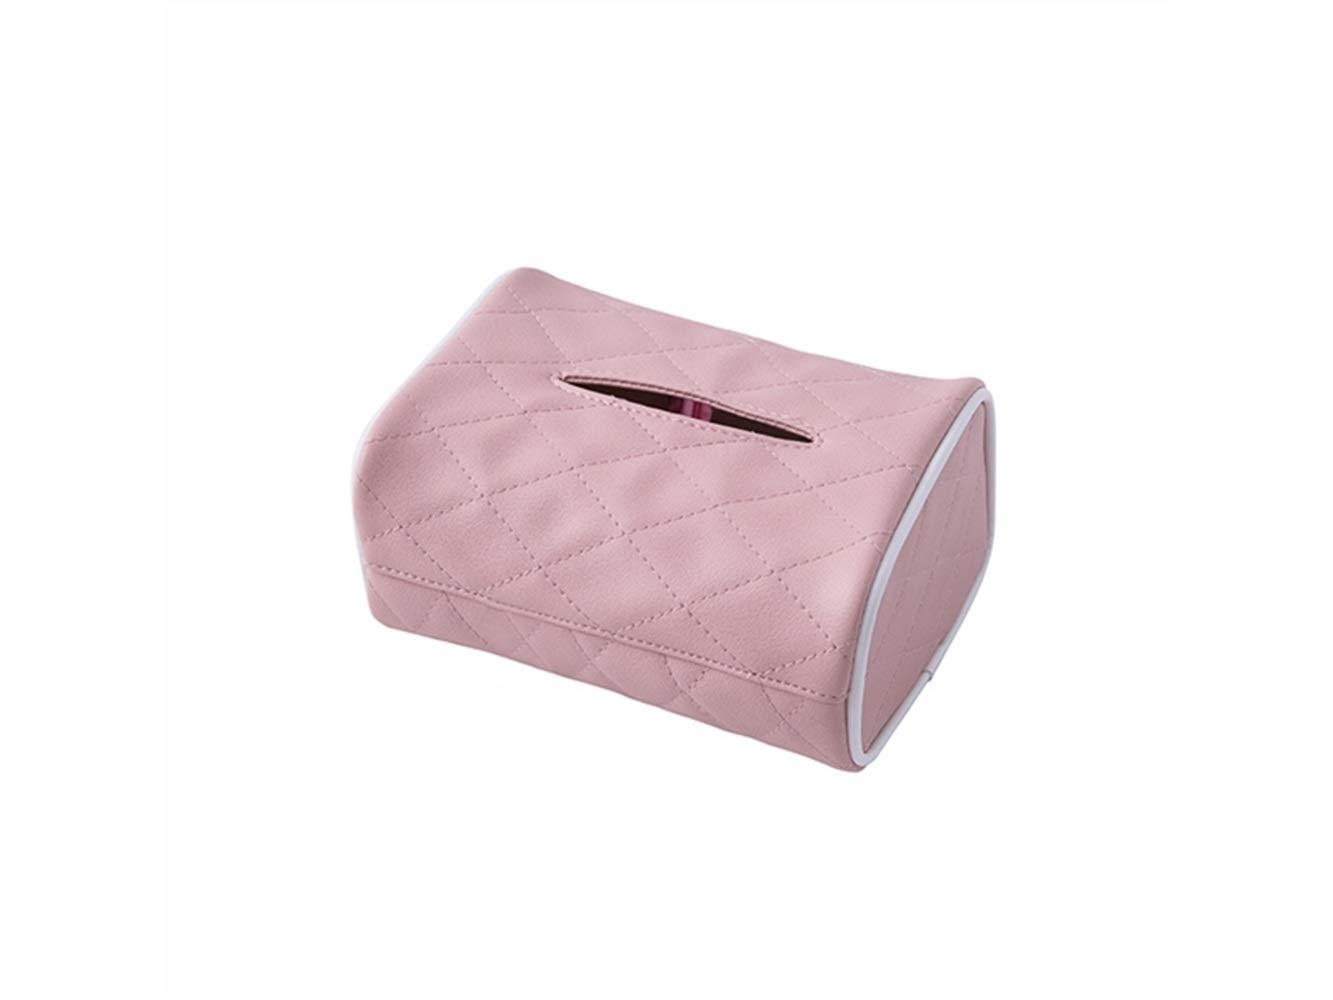 JwlqAy Linda Caja de pañuelos de Papel Funda de servilleta de Papel de Cuero portátil para el hogar y el automóvil (Rosa) (Color : Pink)